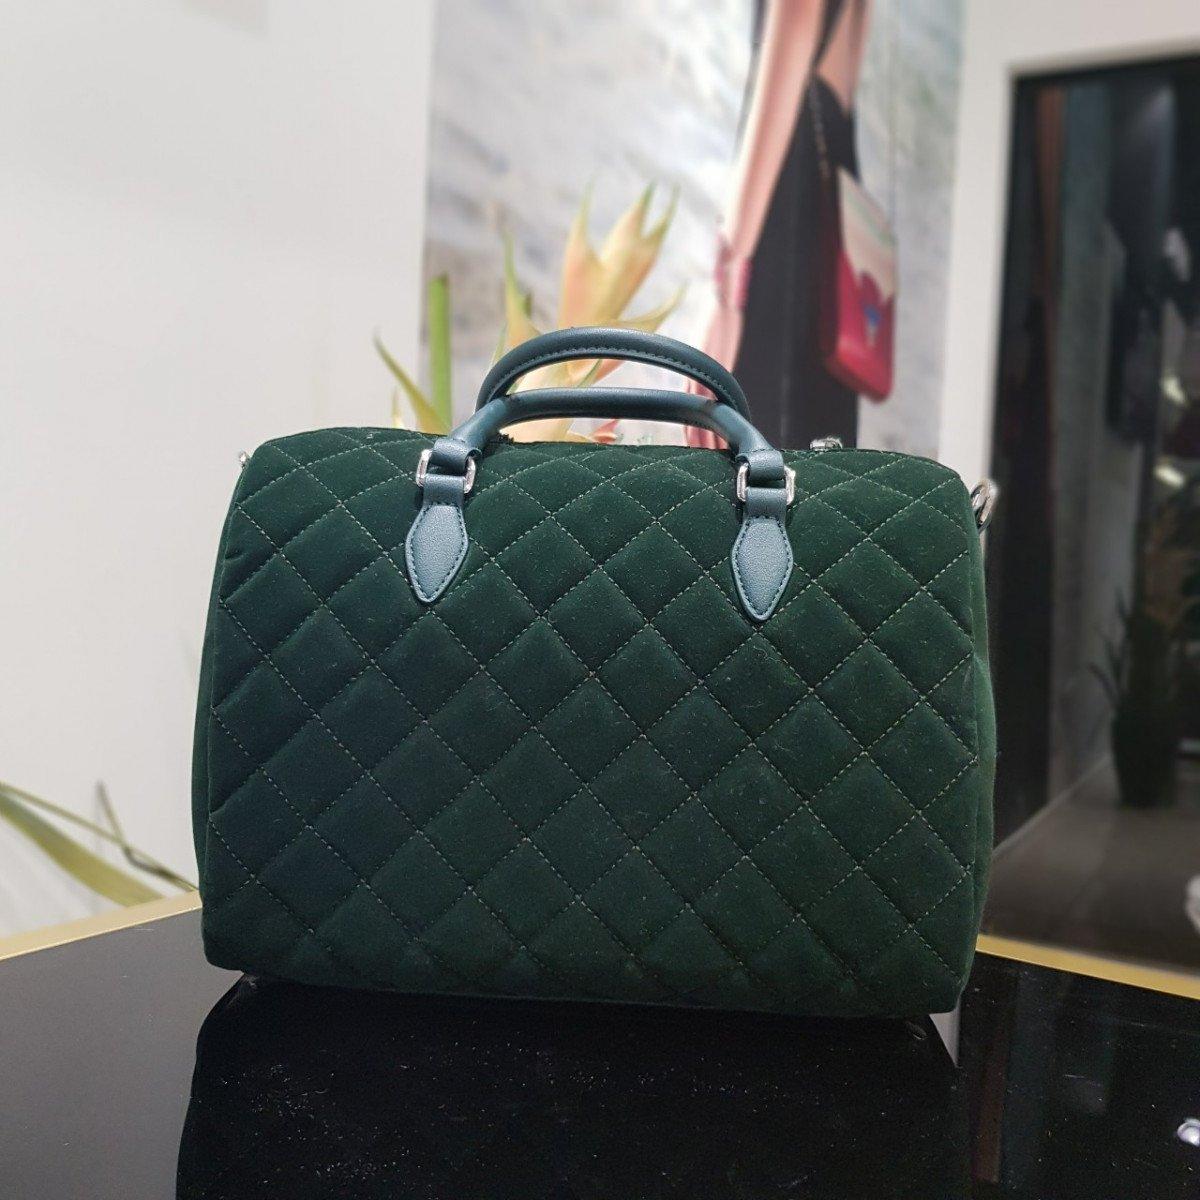 Женская кожаная сумка Ermanno Scervino 12400588 green из натуральной кожи